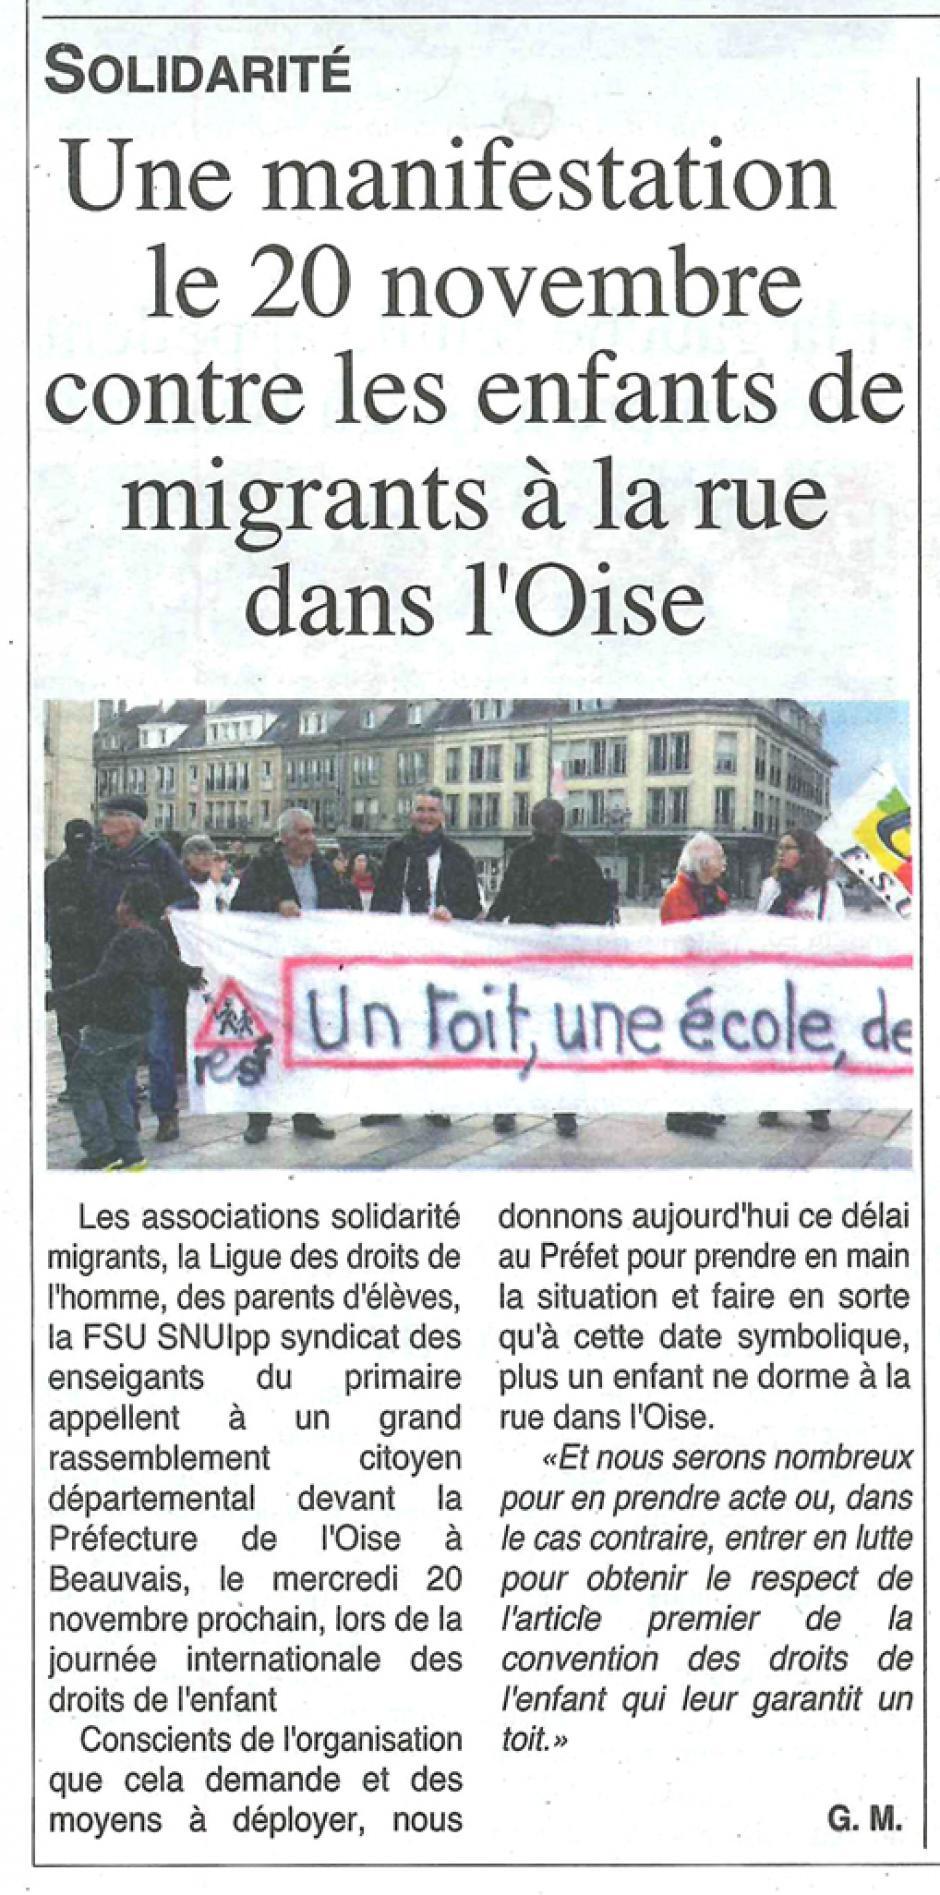 20191120-OH-Beauvais-Une manifestation le 20 octobre contre les enfants de migrants à la rue dans l'Oise